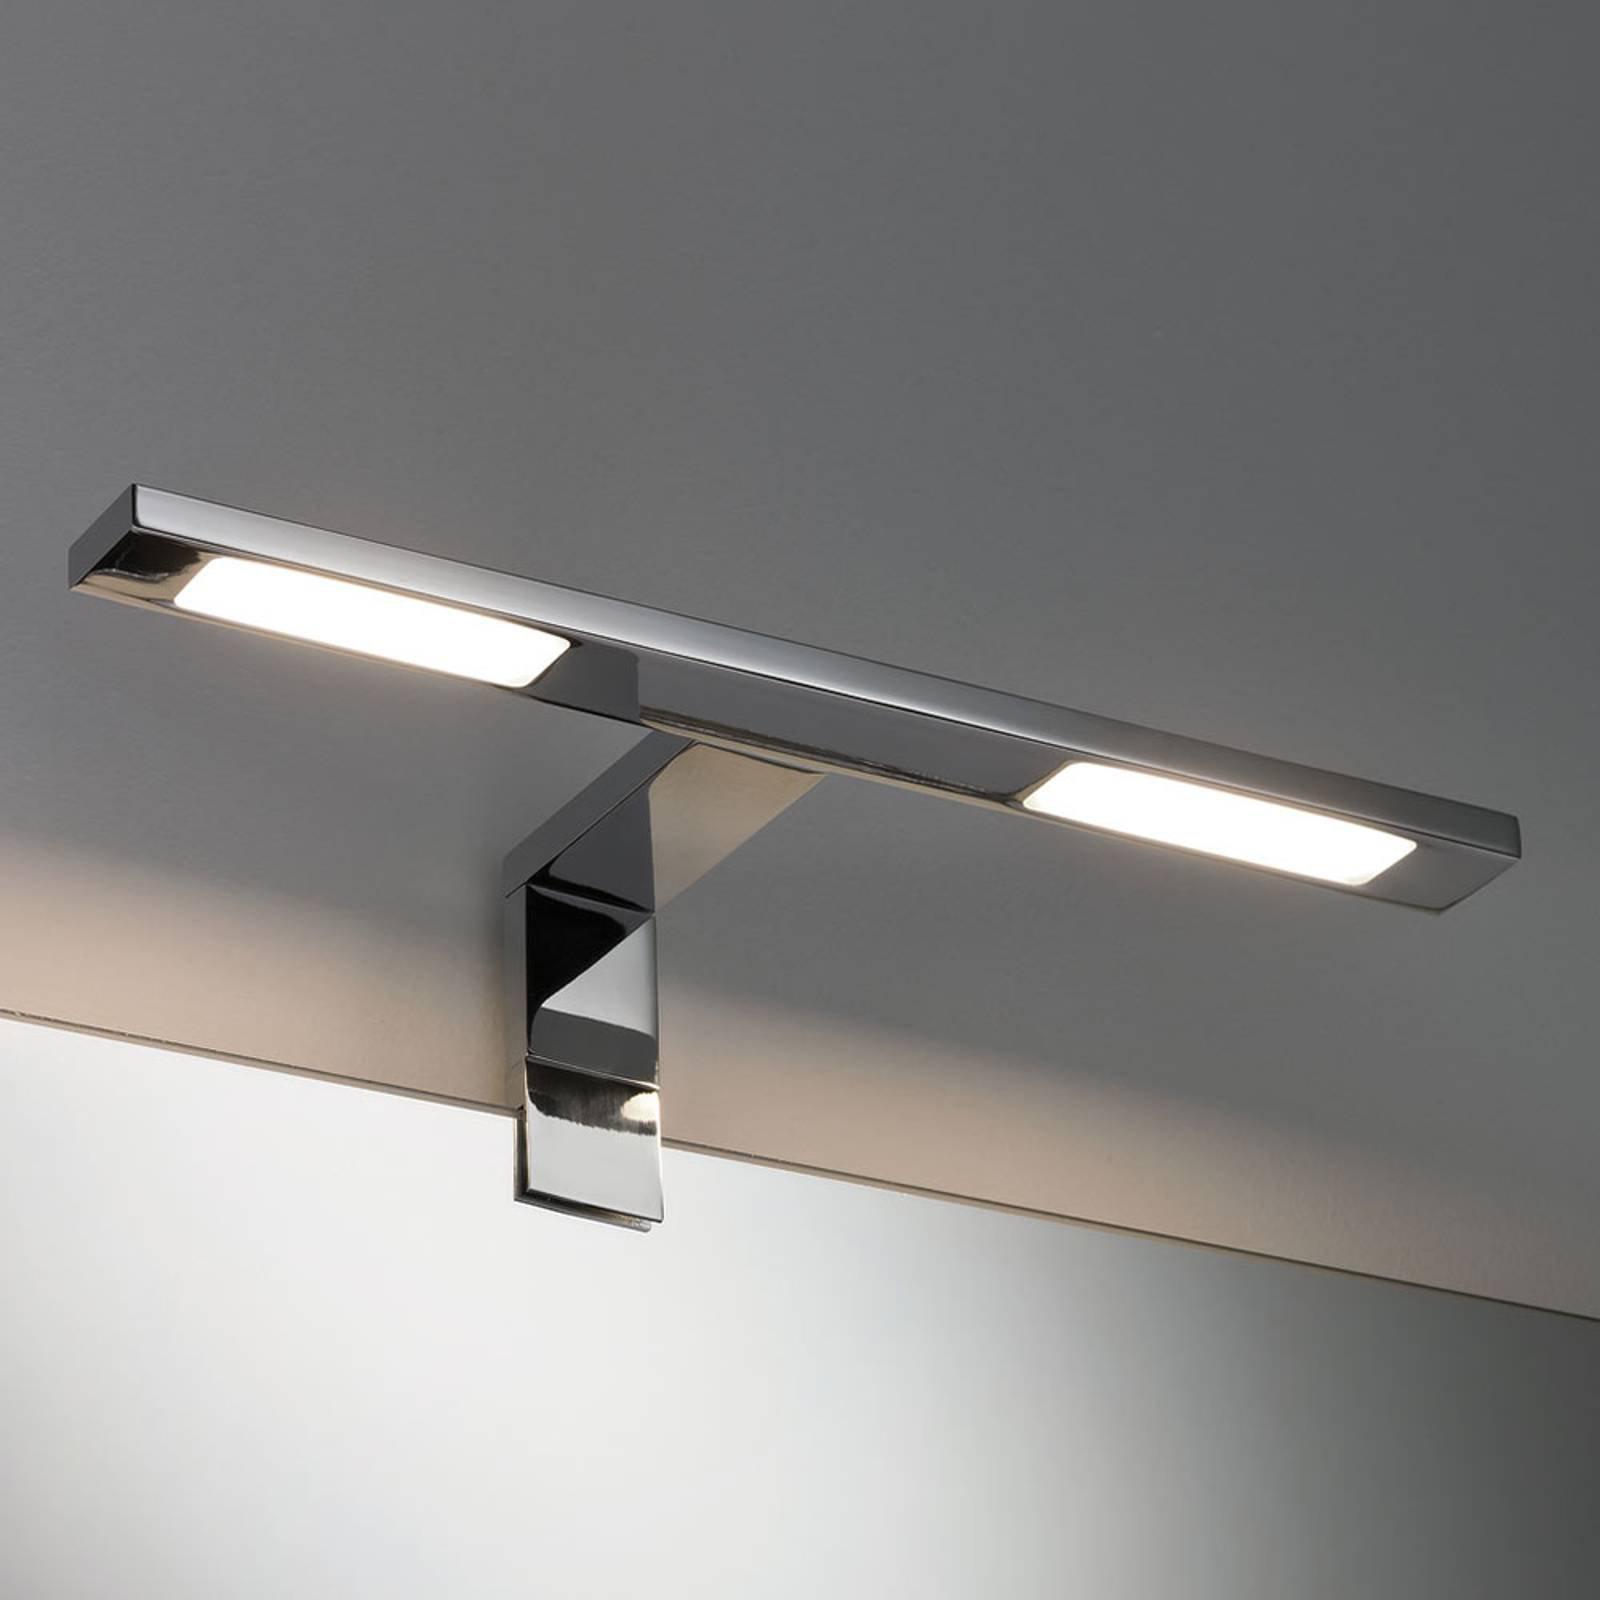 Paulmann Galeria Double Hook LED-speillampe 2 lys